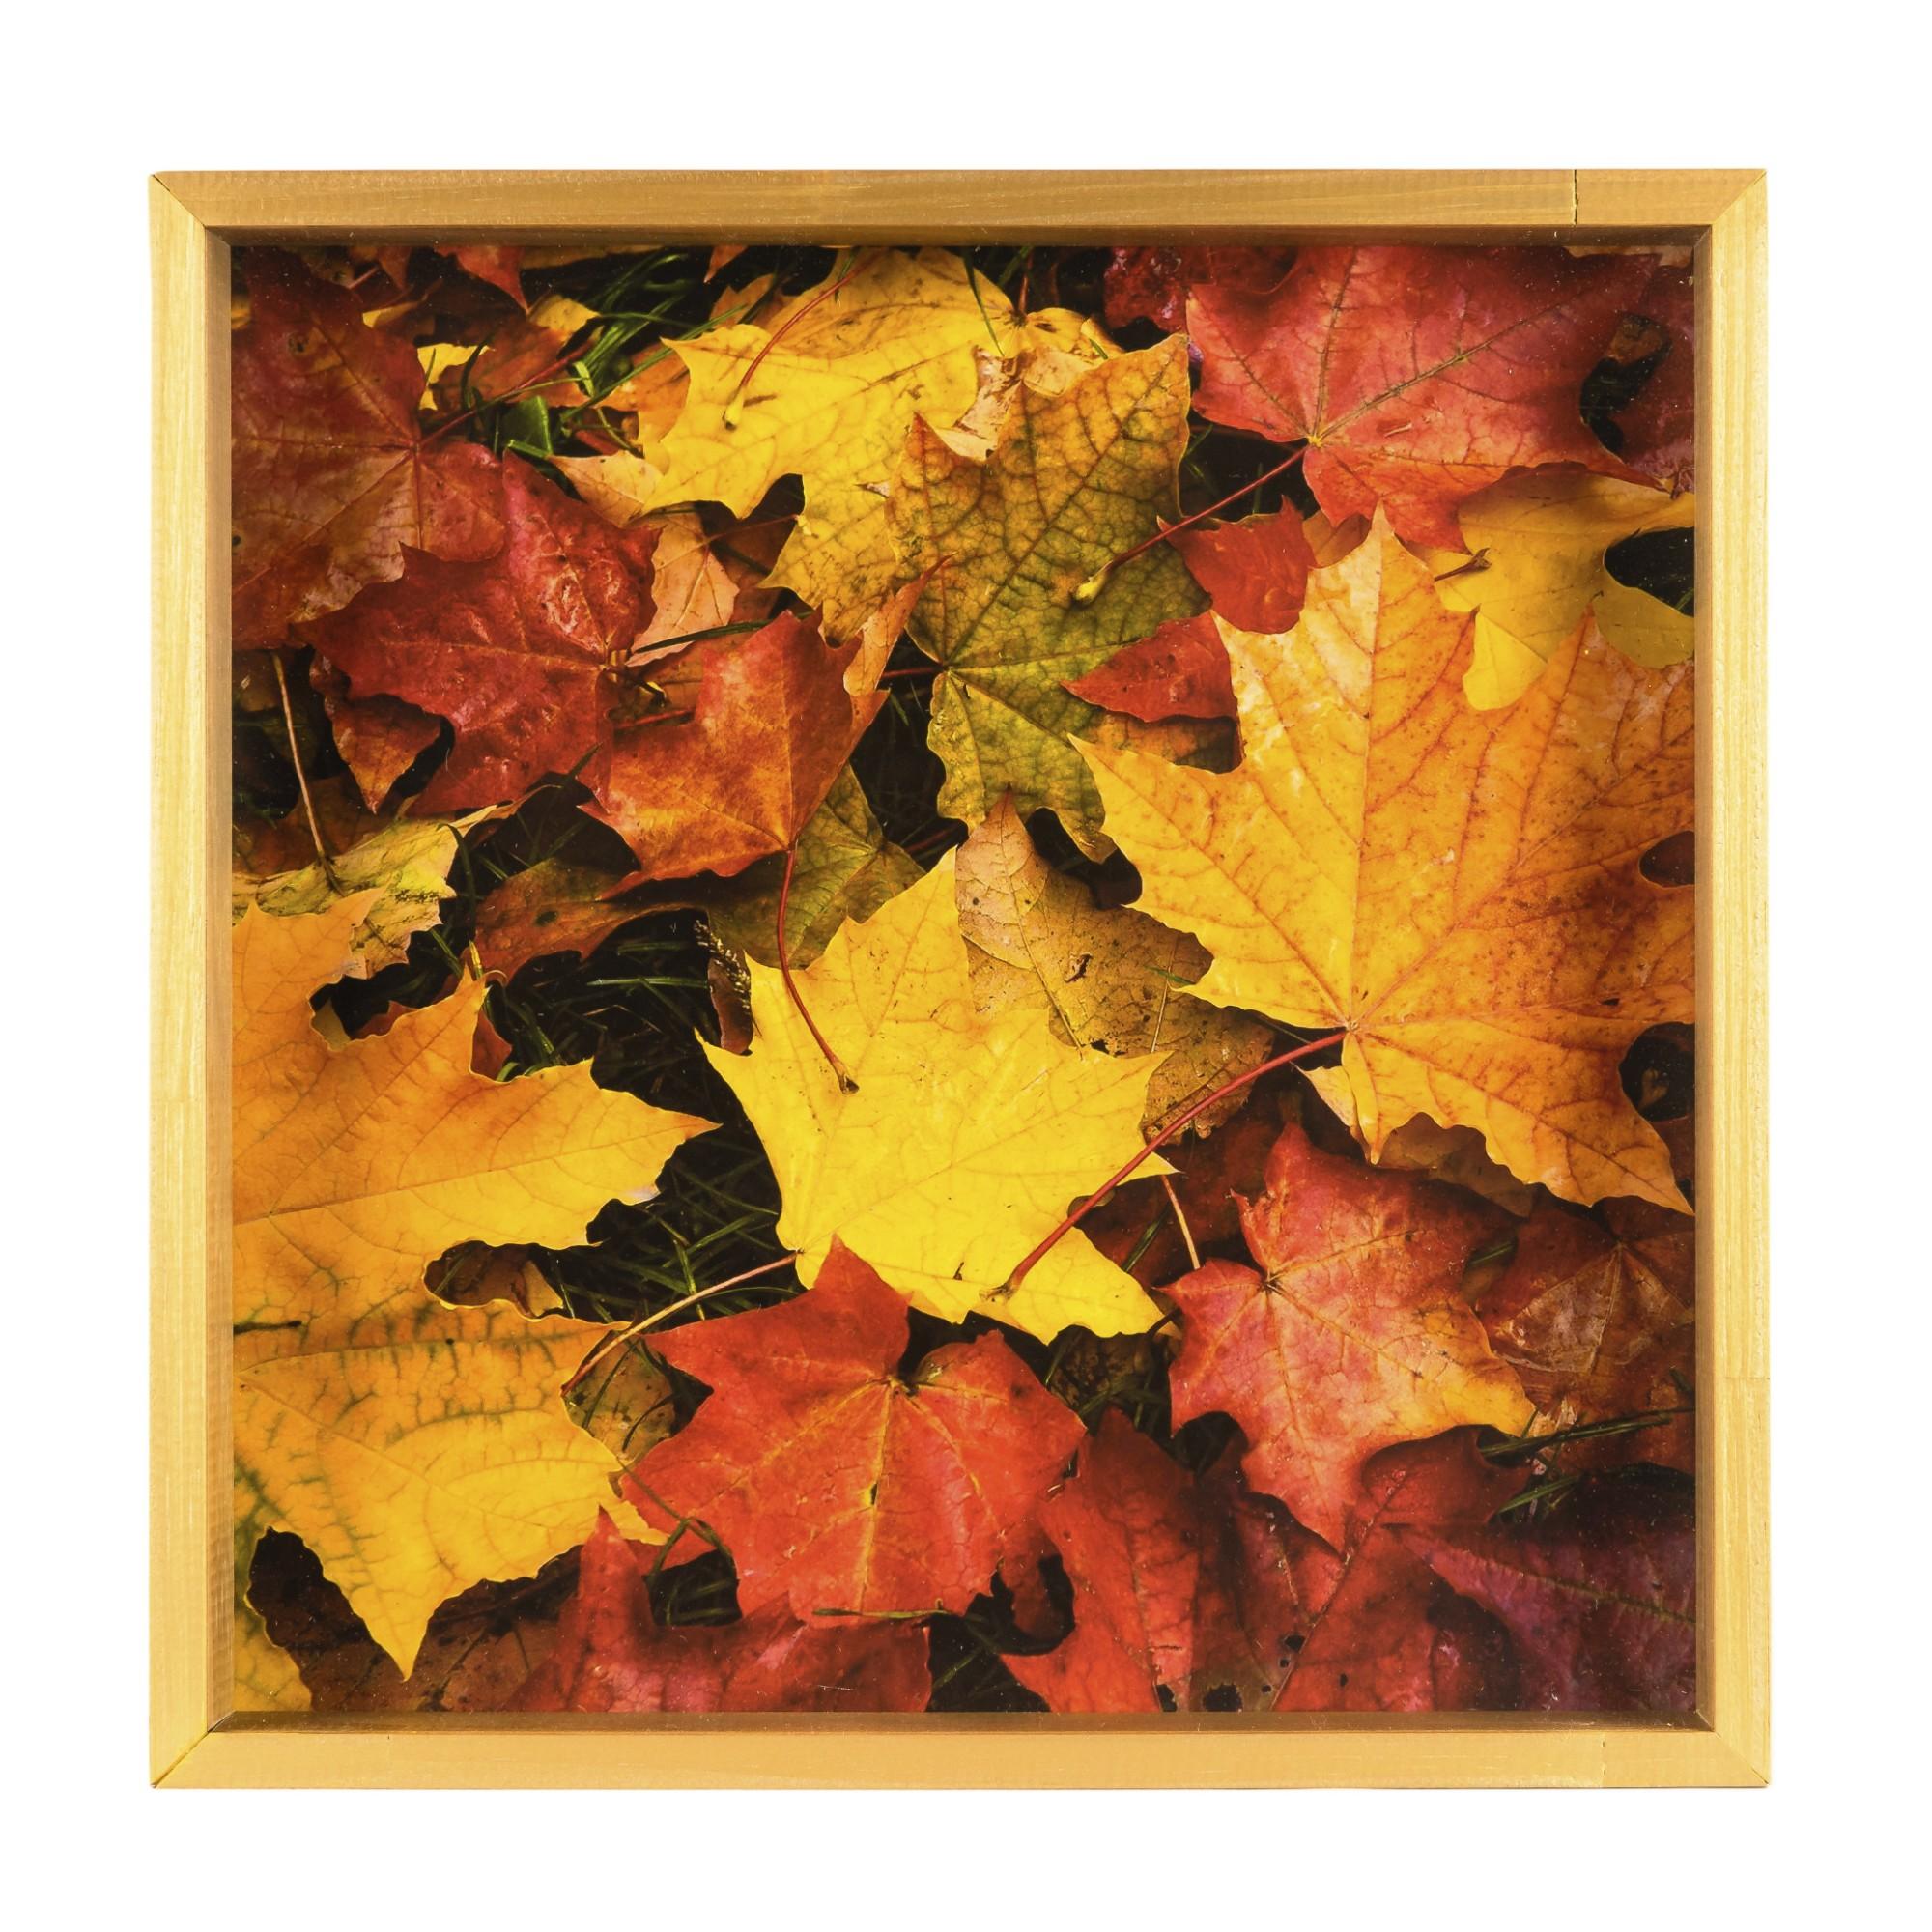 Quadro Decorativo 35x35 cm Folhagem 1036 - Art Frame